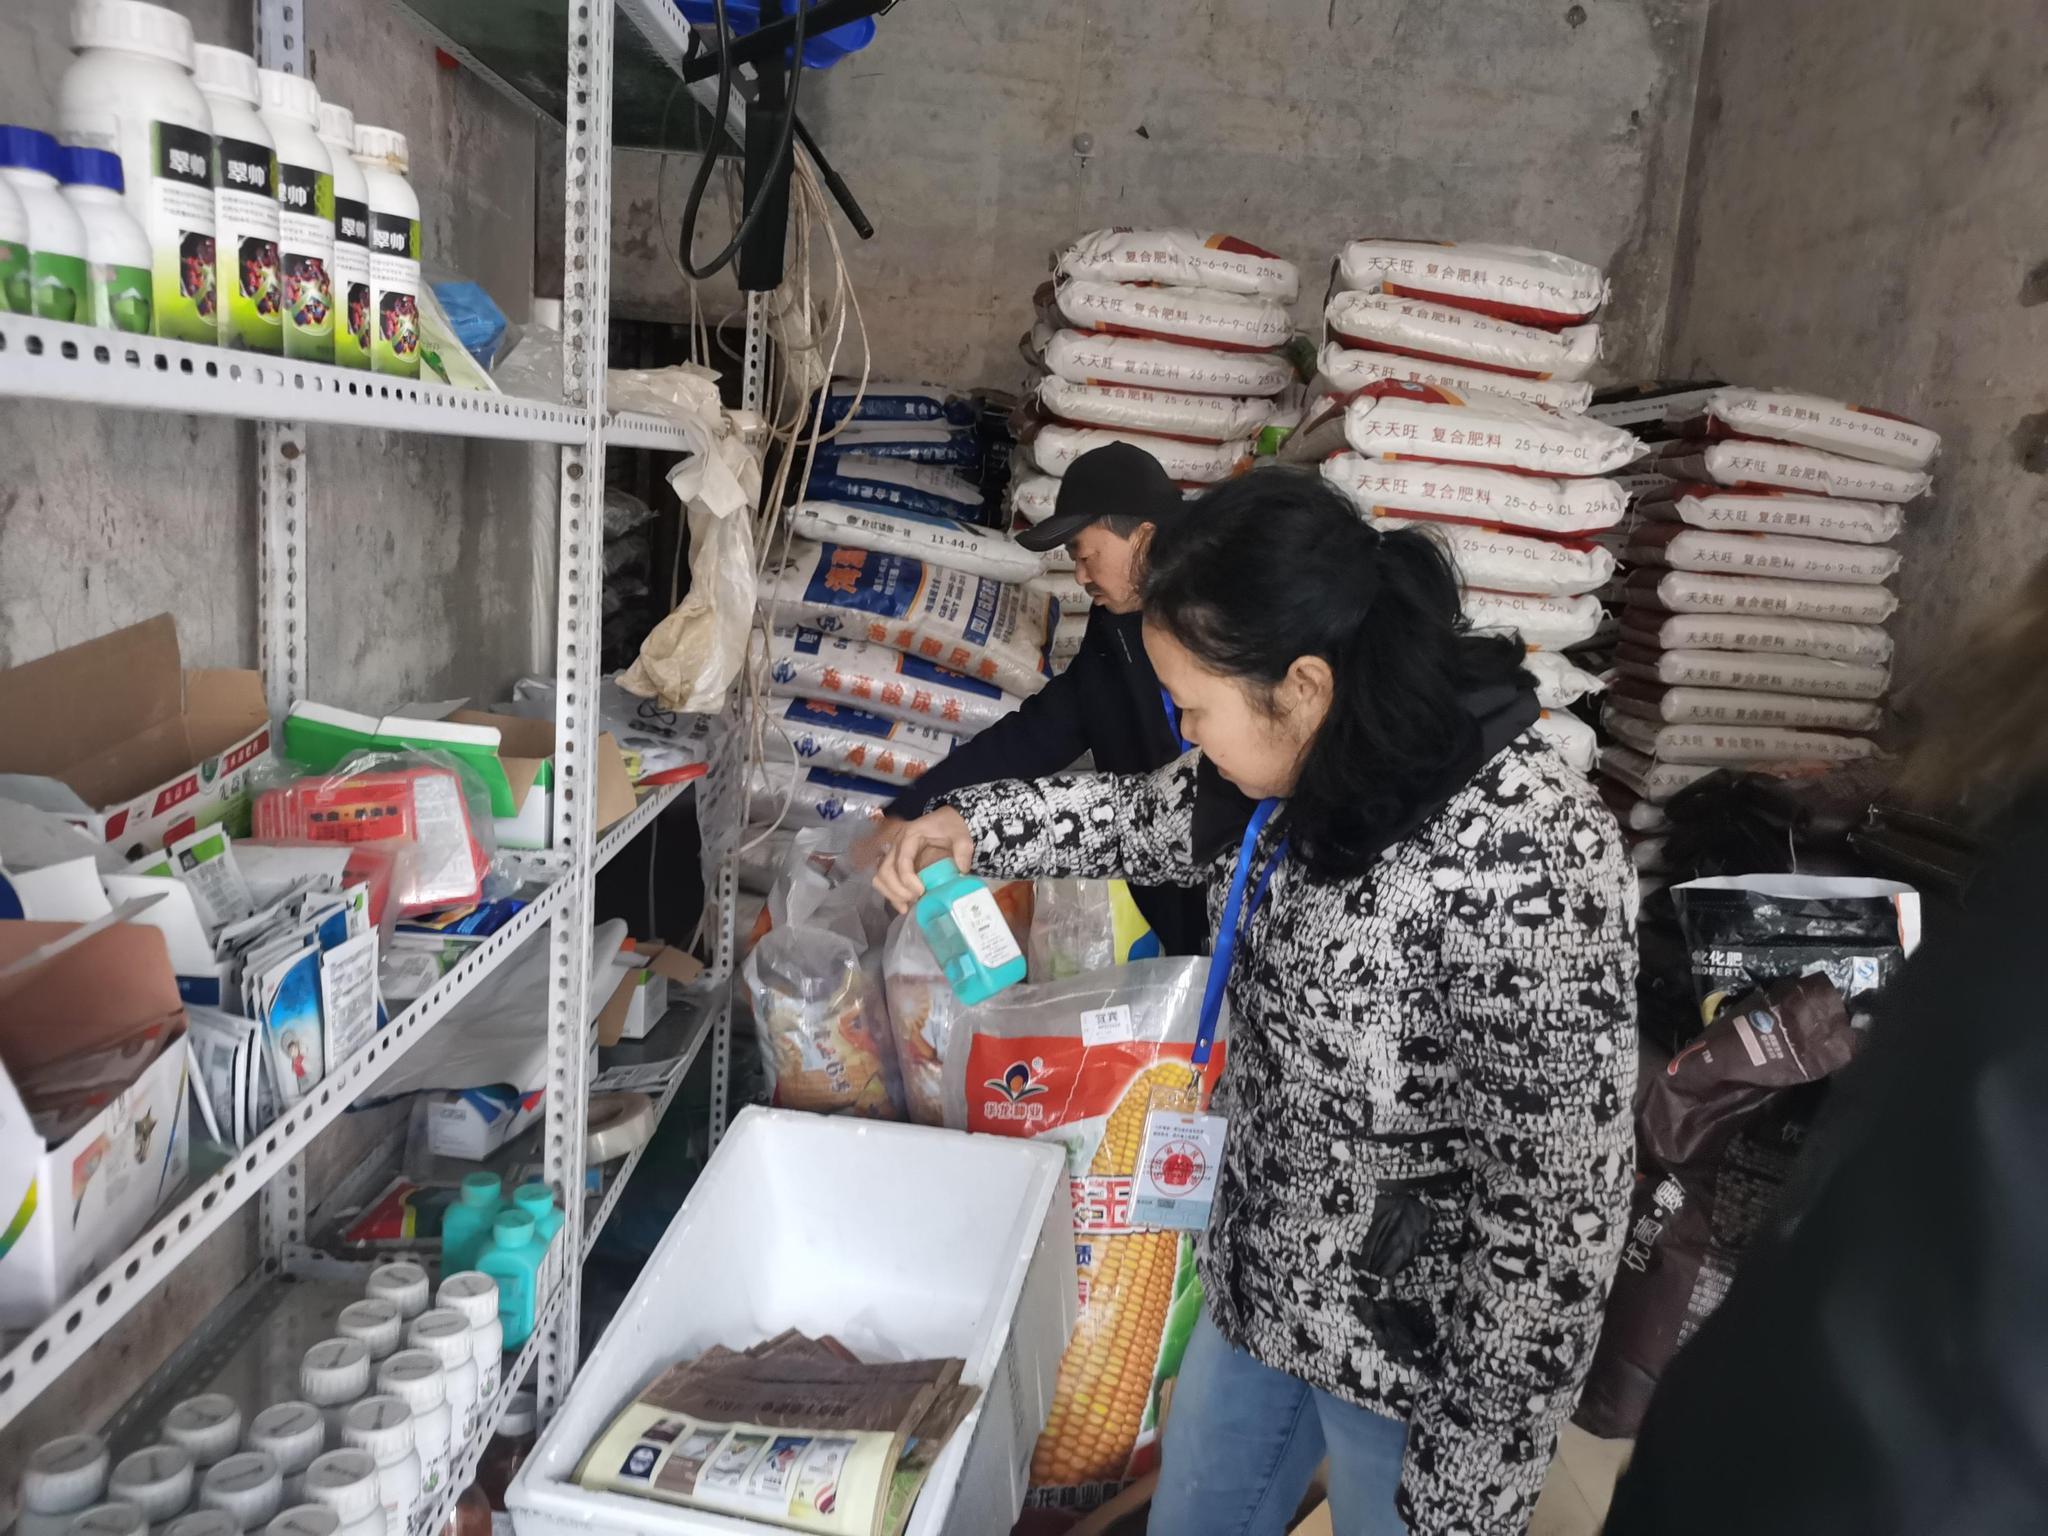 屏山县农业农村局开展二氯异氰尿酸钠清查专项行动